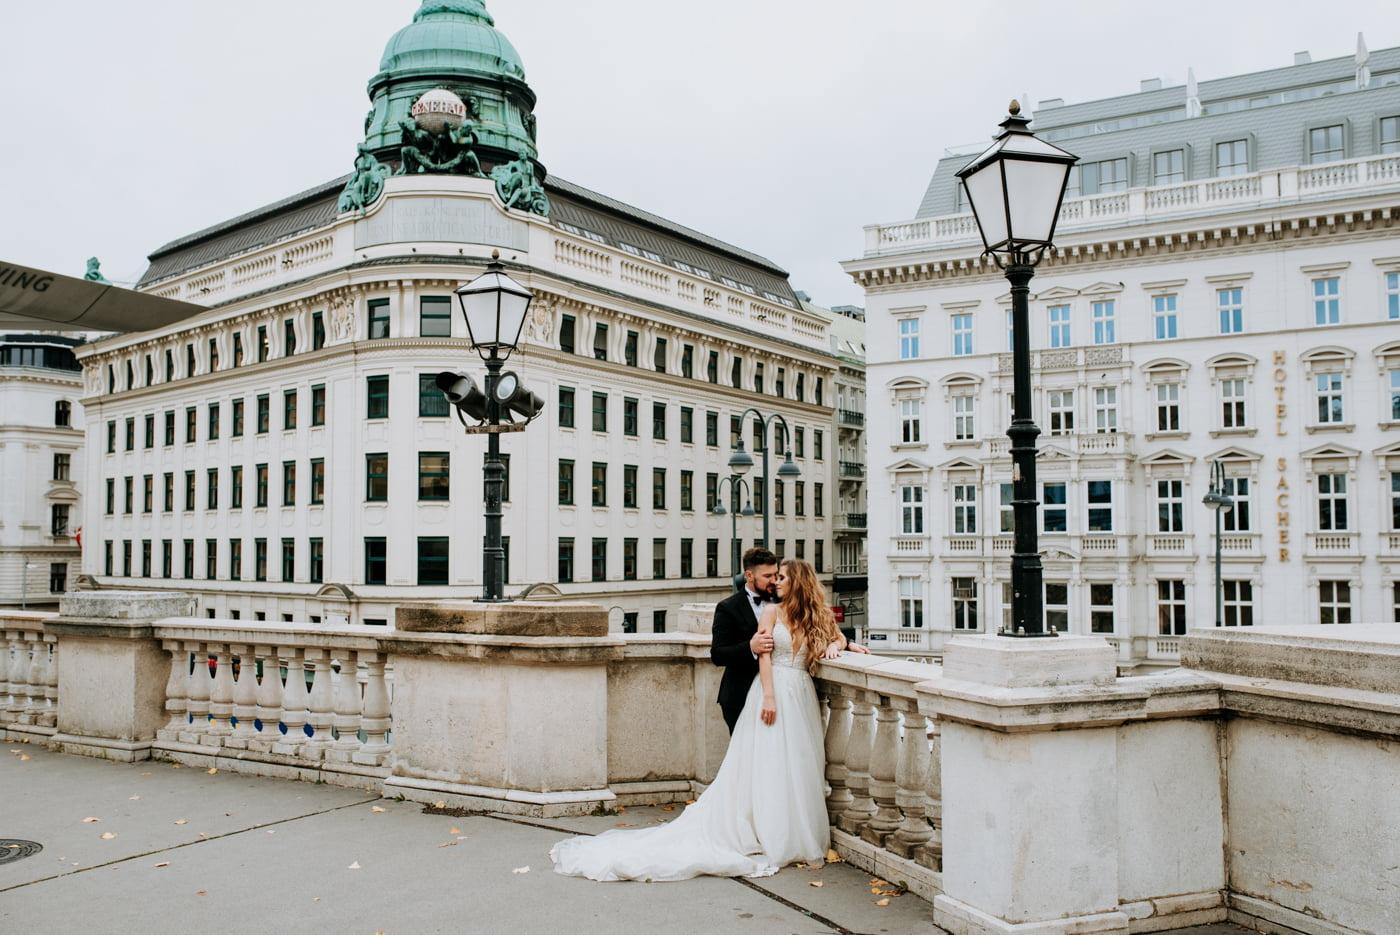 Sesja Ślubna w Wiedniu - Ania i Tomek 14